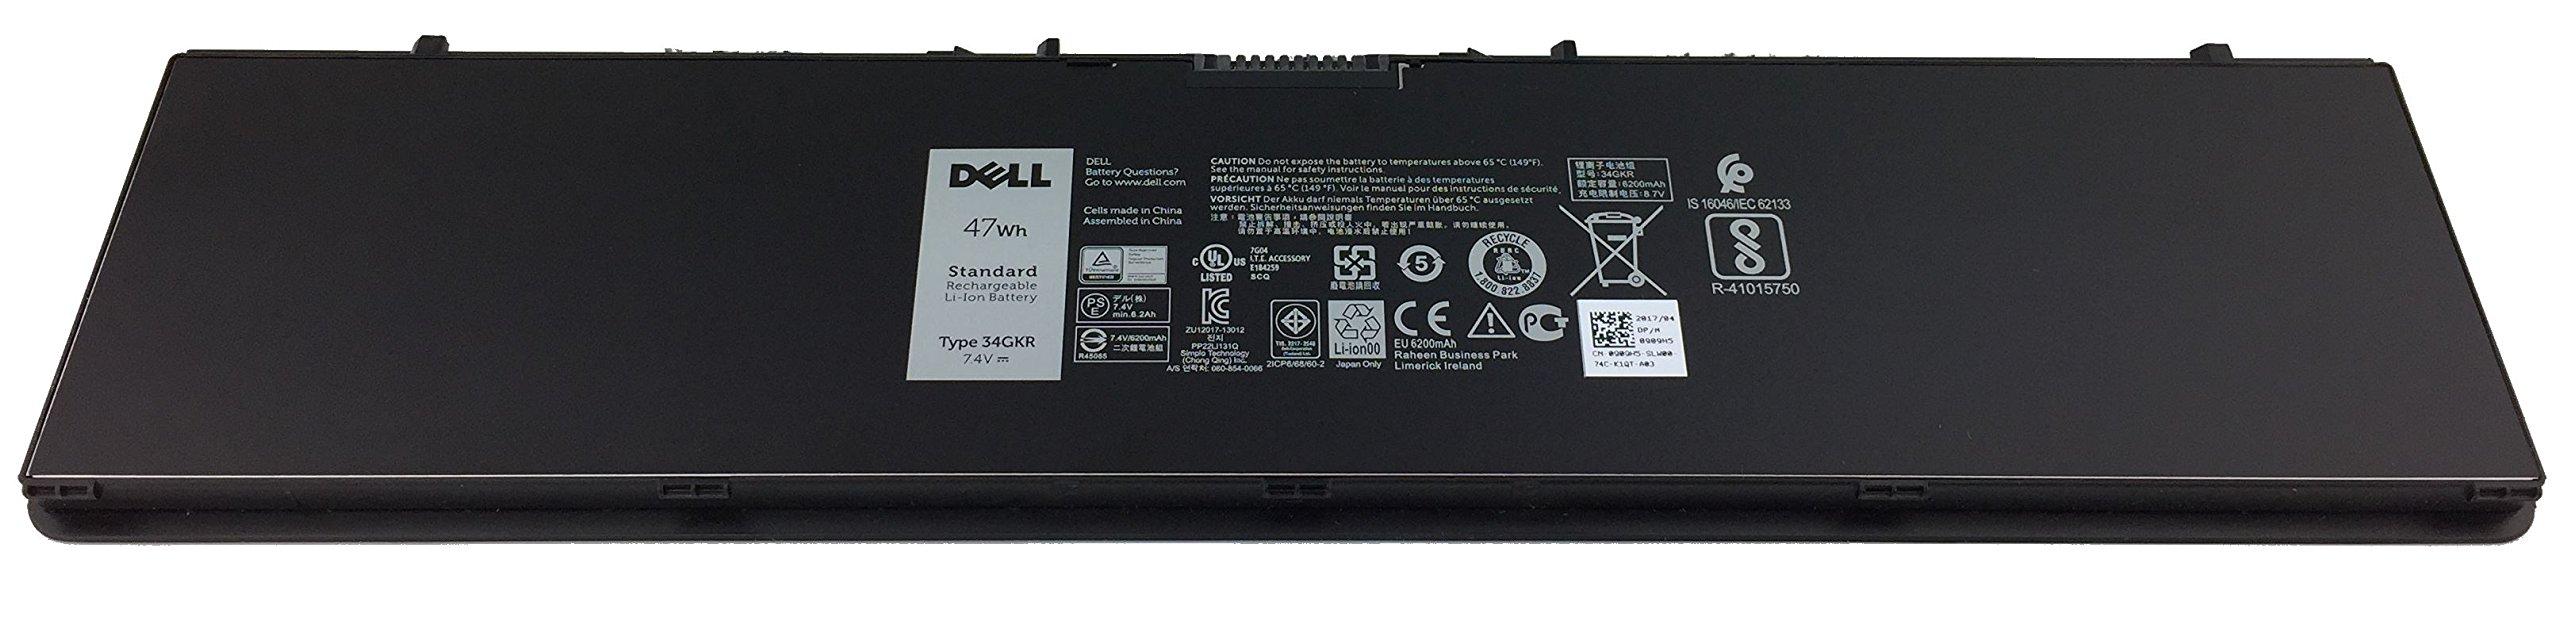 Genuine Dell Battery 4 Cells 47Wh for Dell Latitude E7440 & E7450 (Type 34GKR)